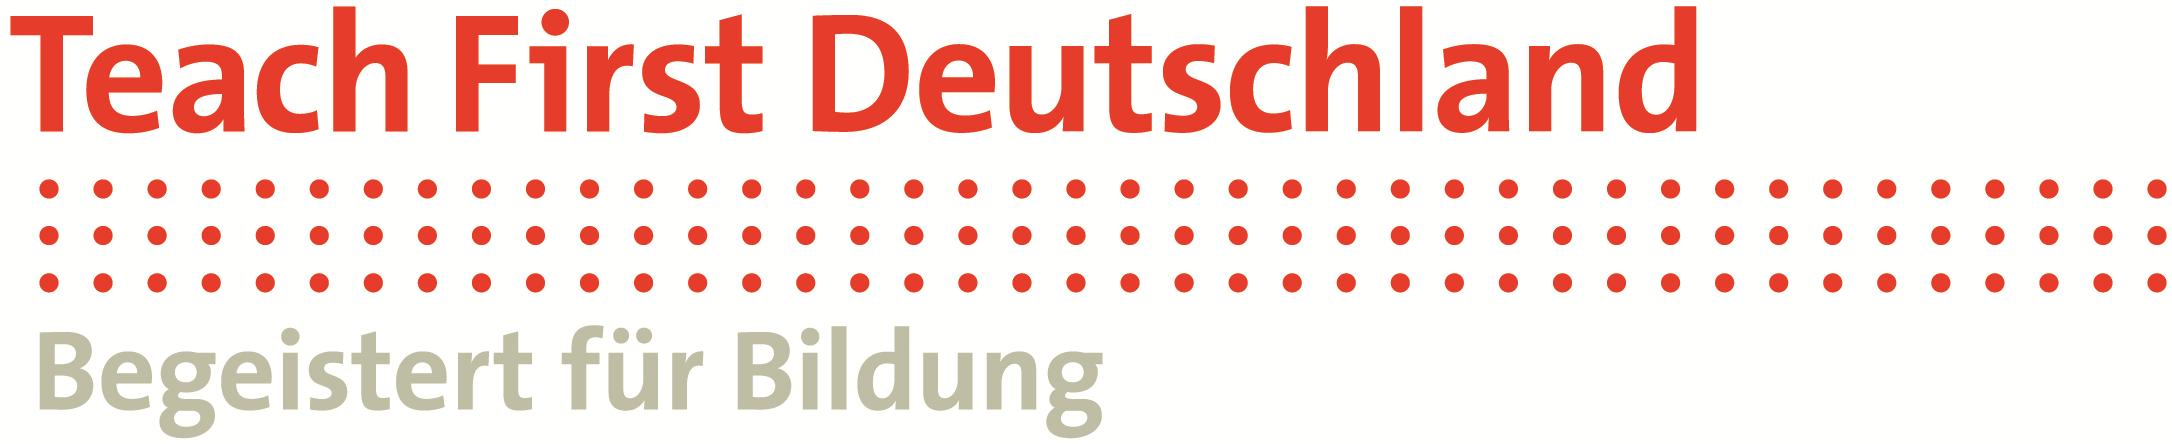 Teach First Deutschland